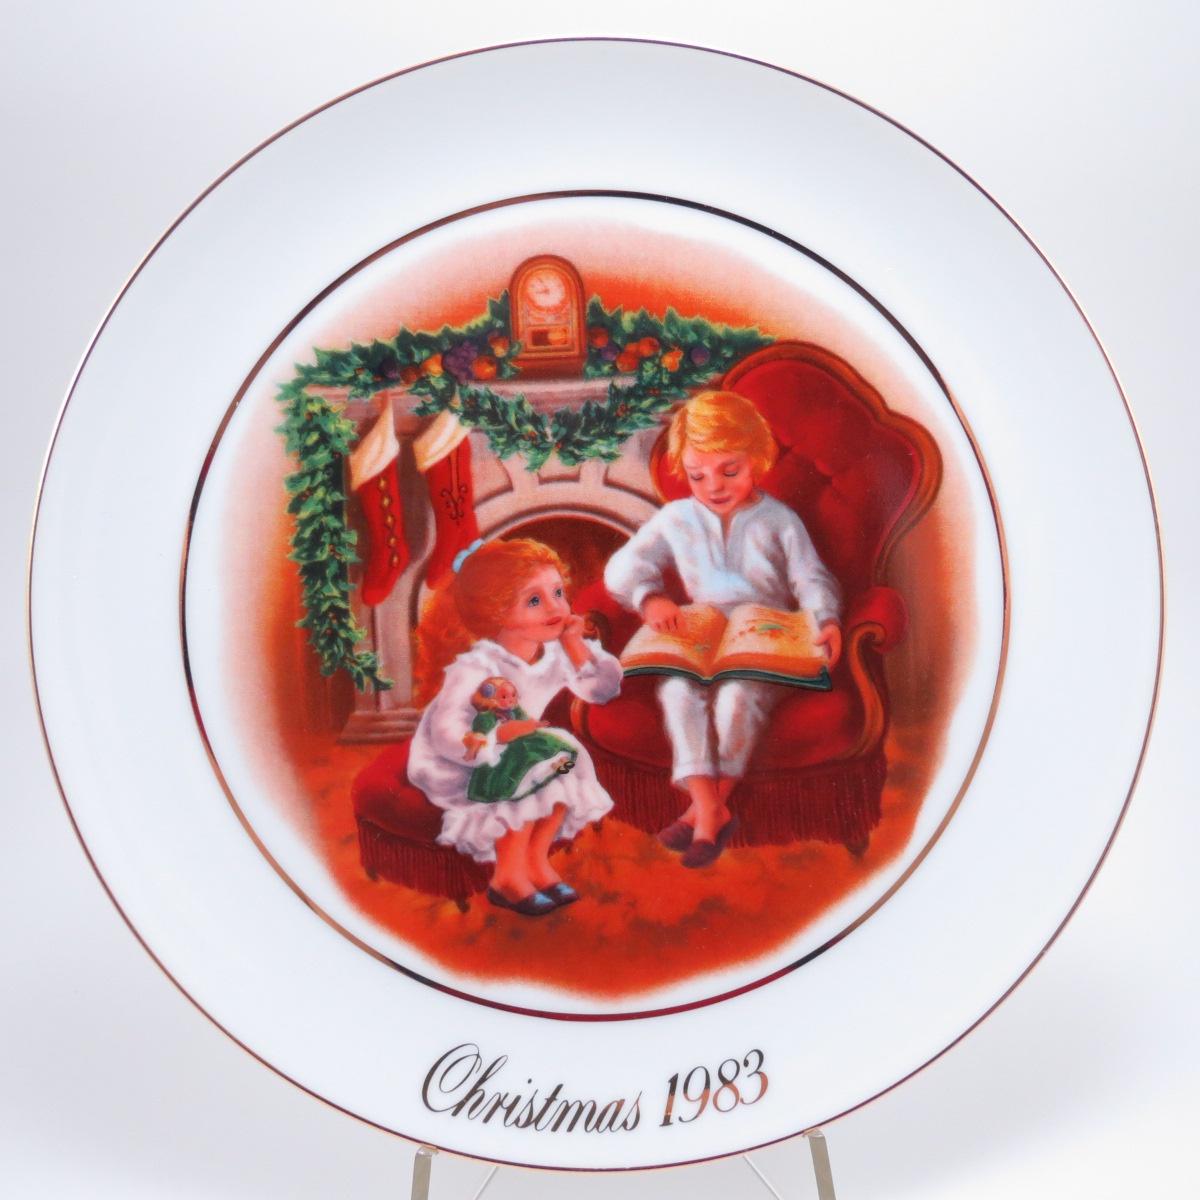 Декоративная коллекционная тарелка Рождественские Воспоминания Эйвон: Наслаждаясь ночью после Рождества, Фарфор, деколь, золочение. Япония, Avon Products, Inc. 1983. avon 200